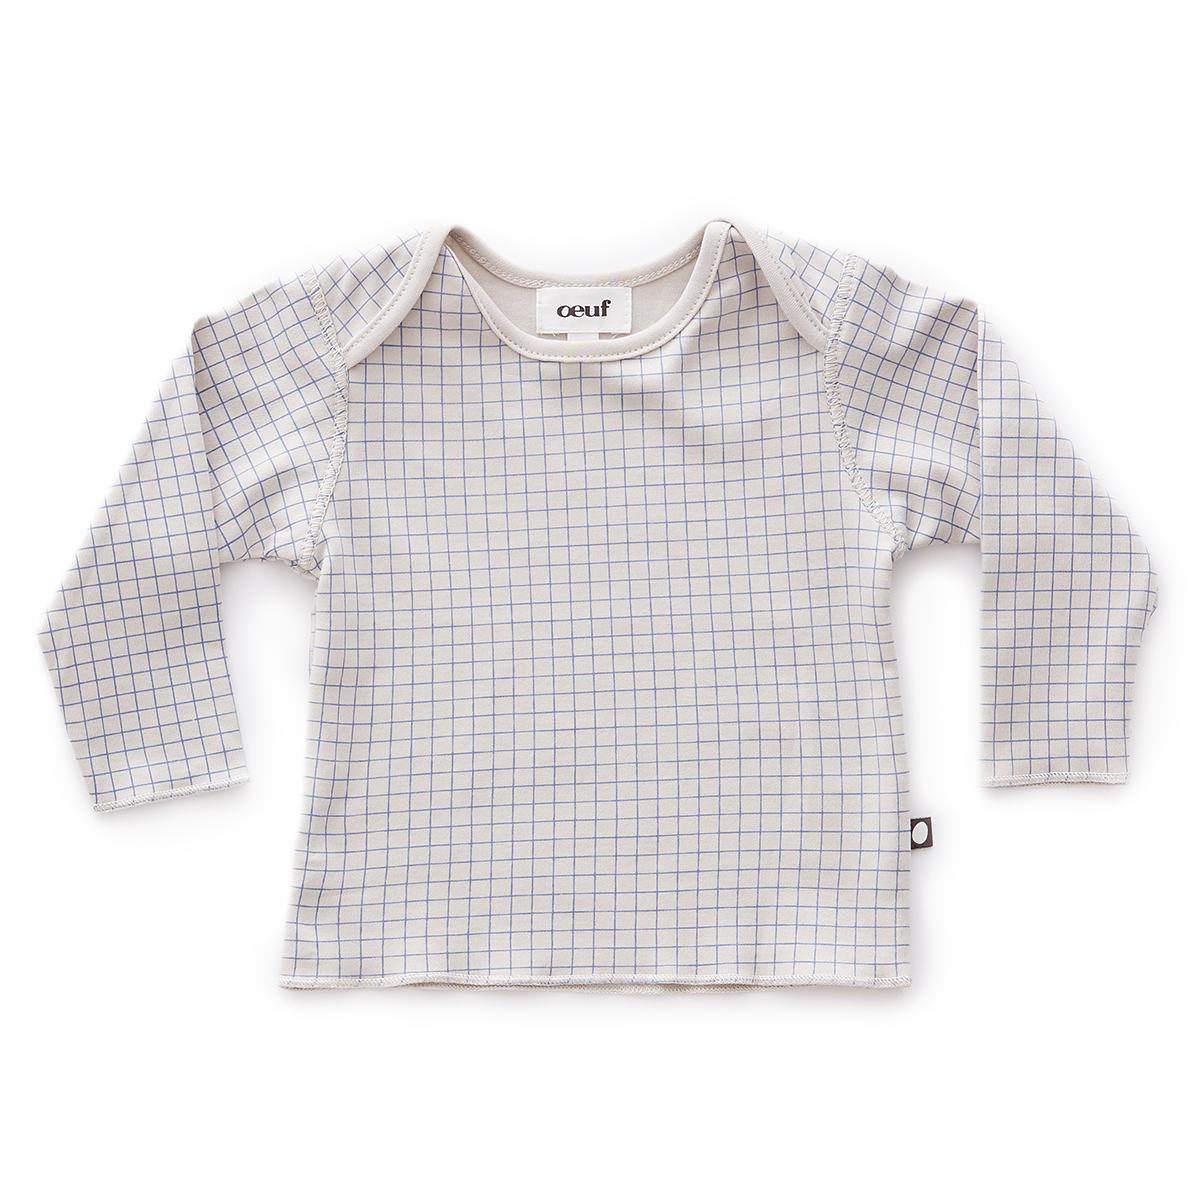 Hauts bébé Tee-shirt à Carreaux Gris et Bleu - 6 Mois